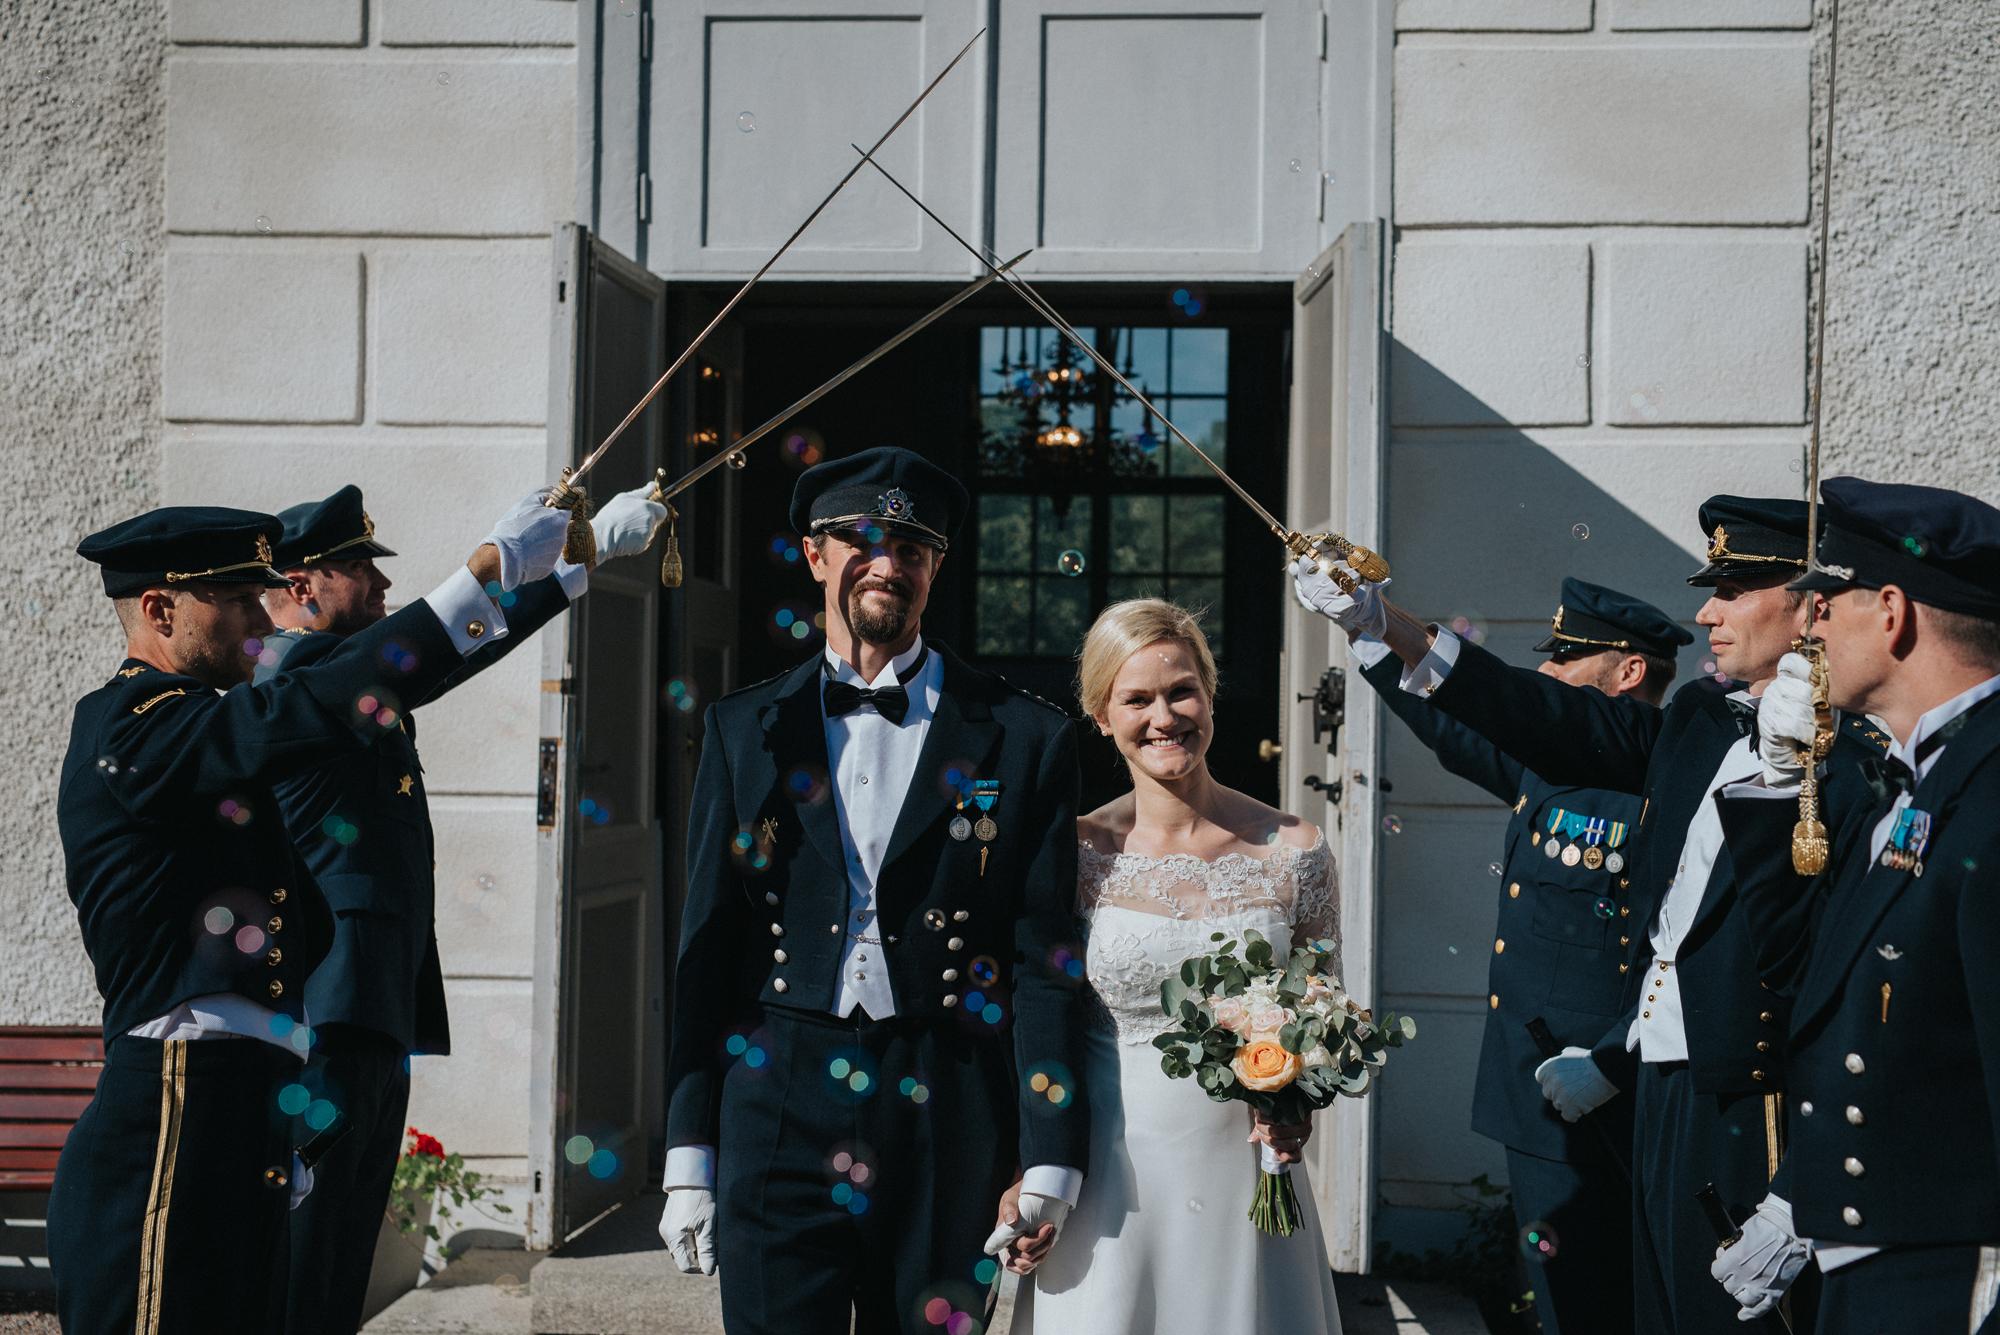 039-bröllopsfotograf-vassunda-knivsta-neas-fotografi.jpg